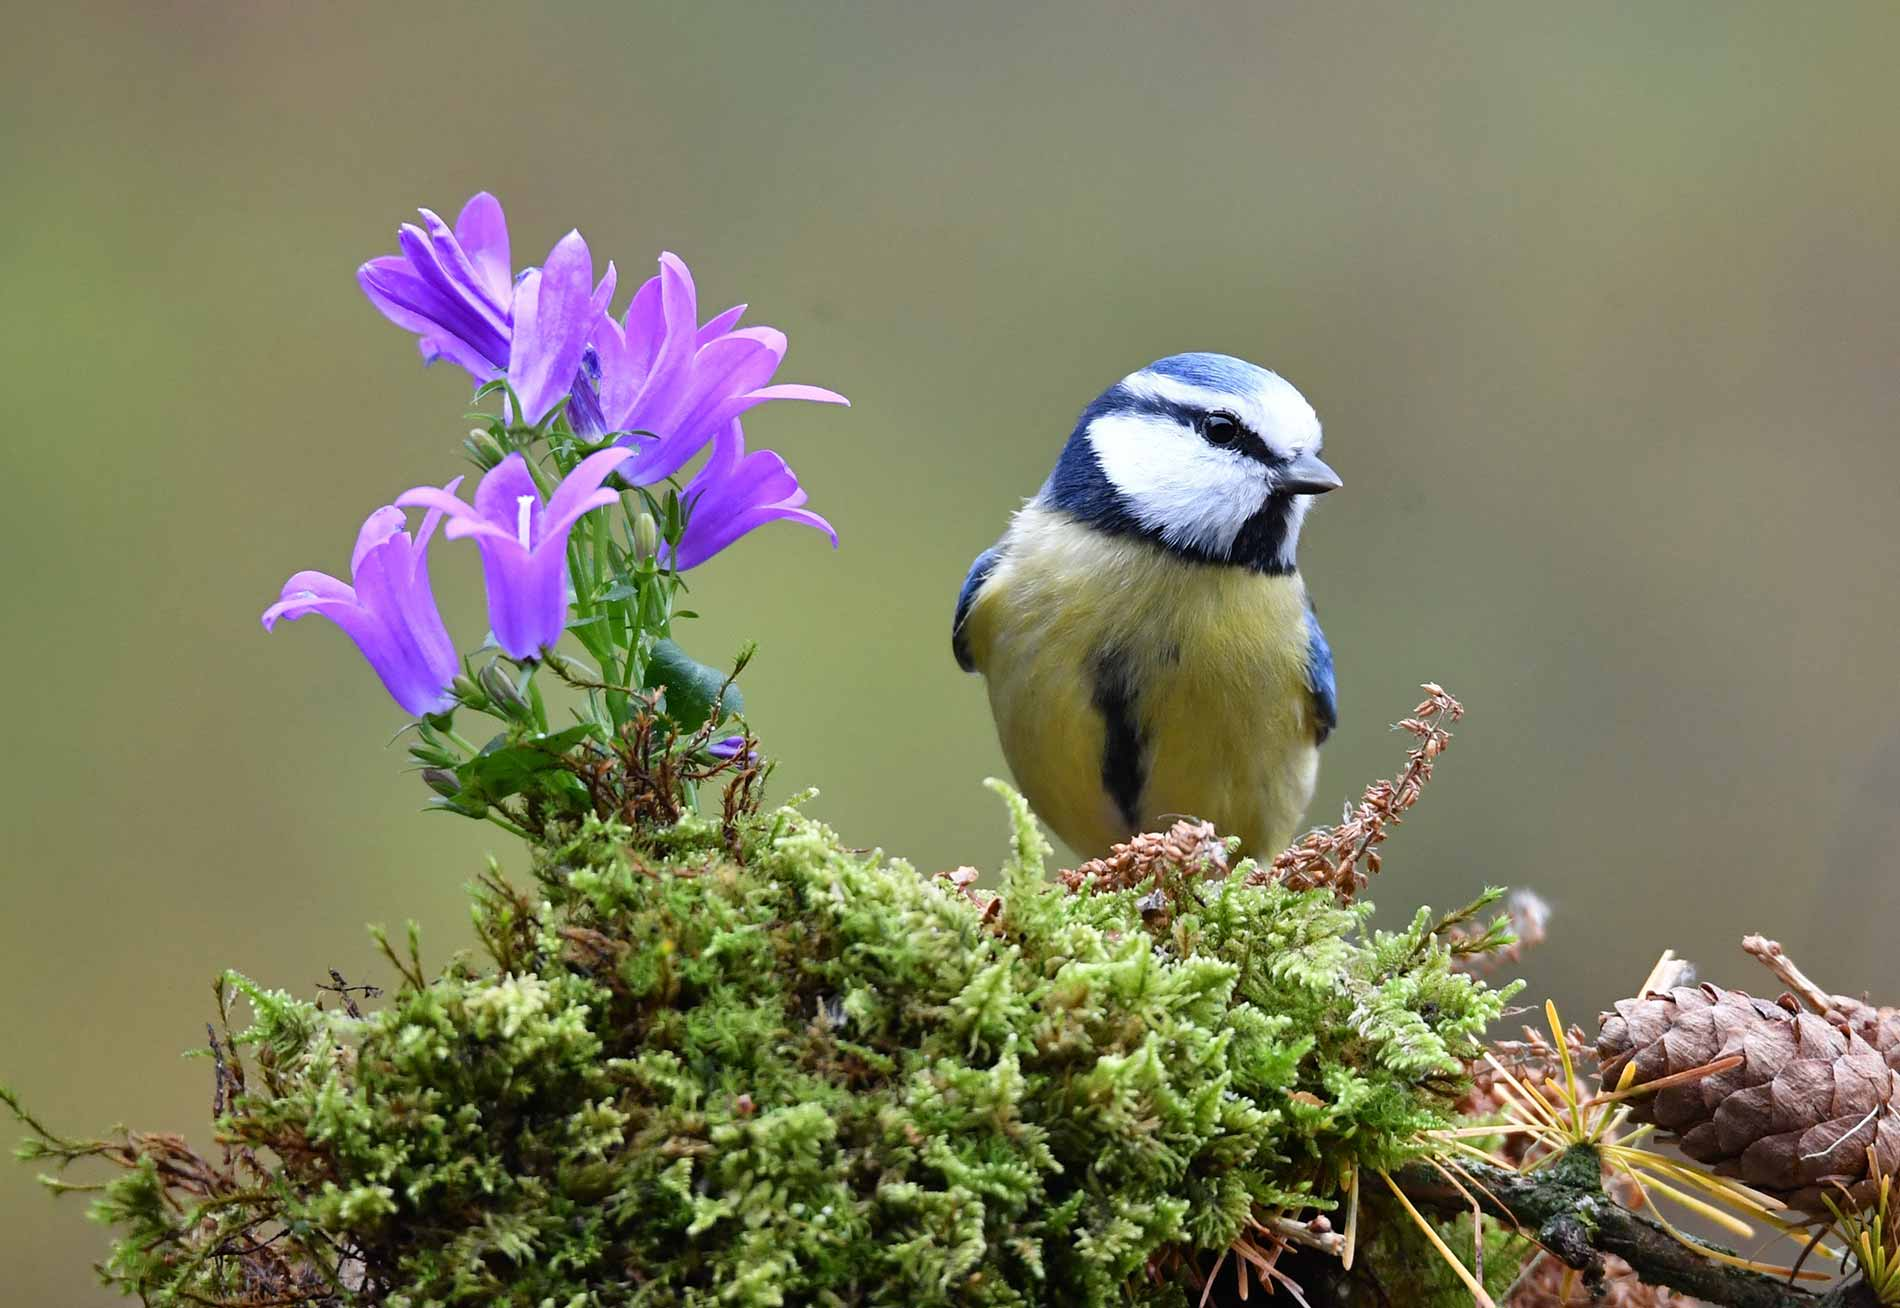 Trees-sustain-wildlife